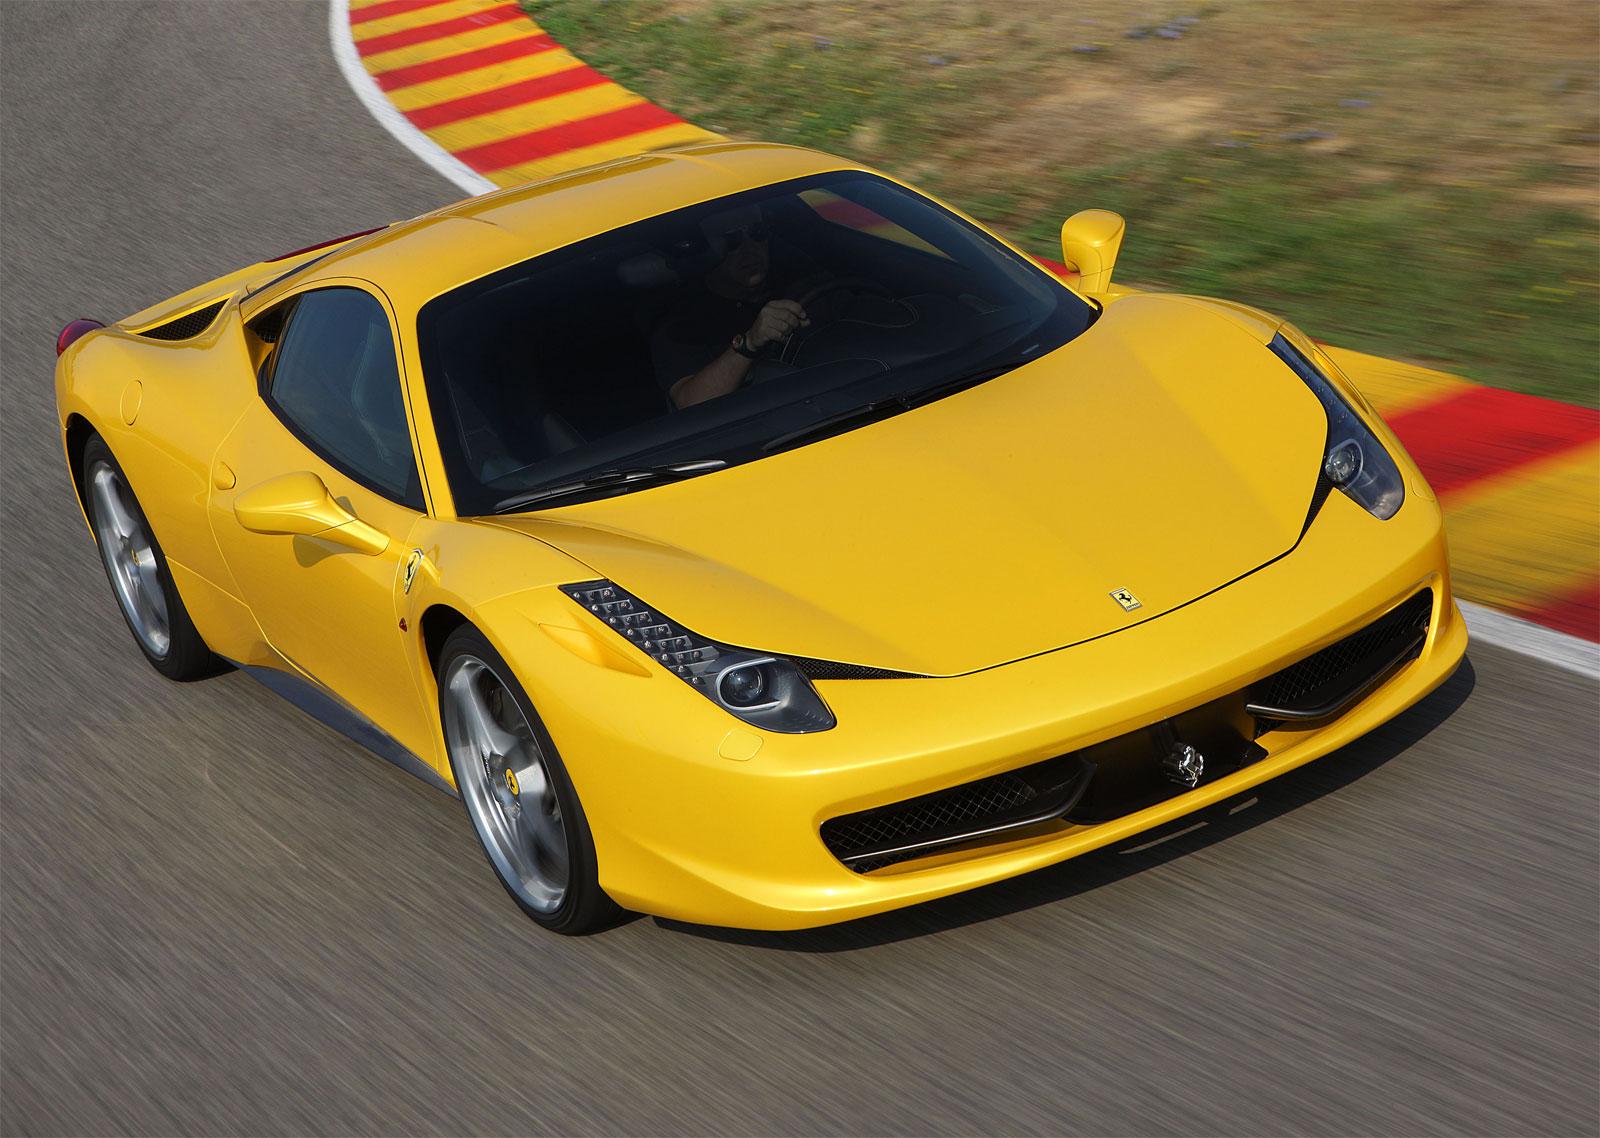 http://1.bp.blogspot.com/-llKTDy0ERIk/T-CKg91MrfI/AAAAAAAADfU/HOwx82SZJZs/s1600/Ferrari+458+Italia+hd+Wallpapers+2011_4.jpg